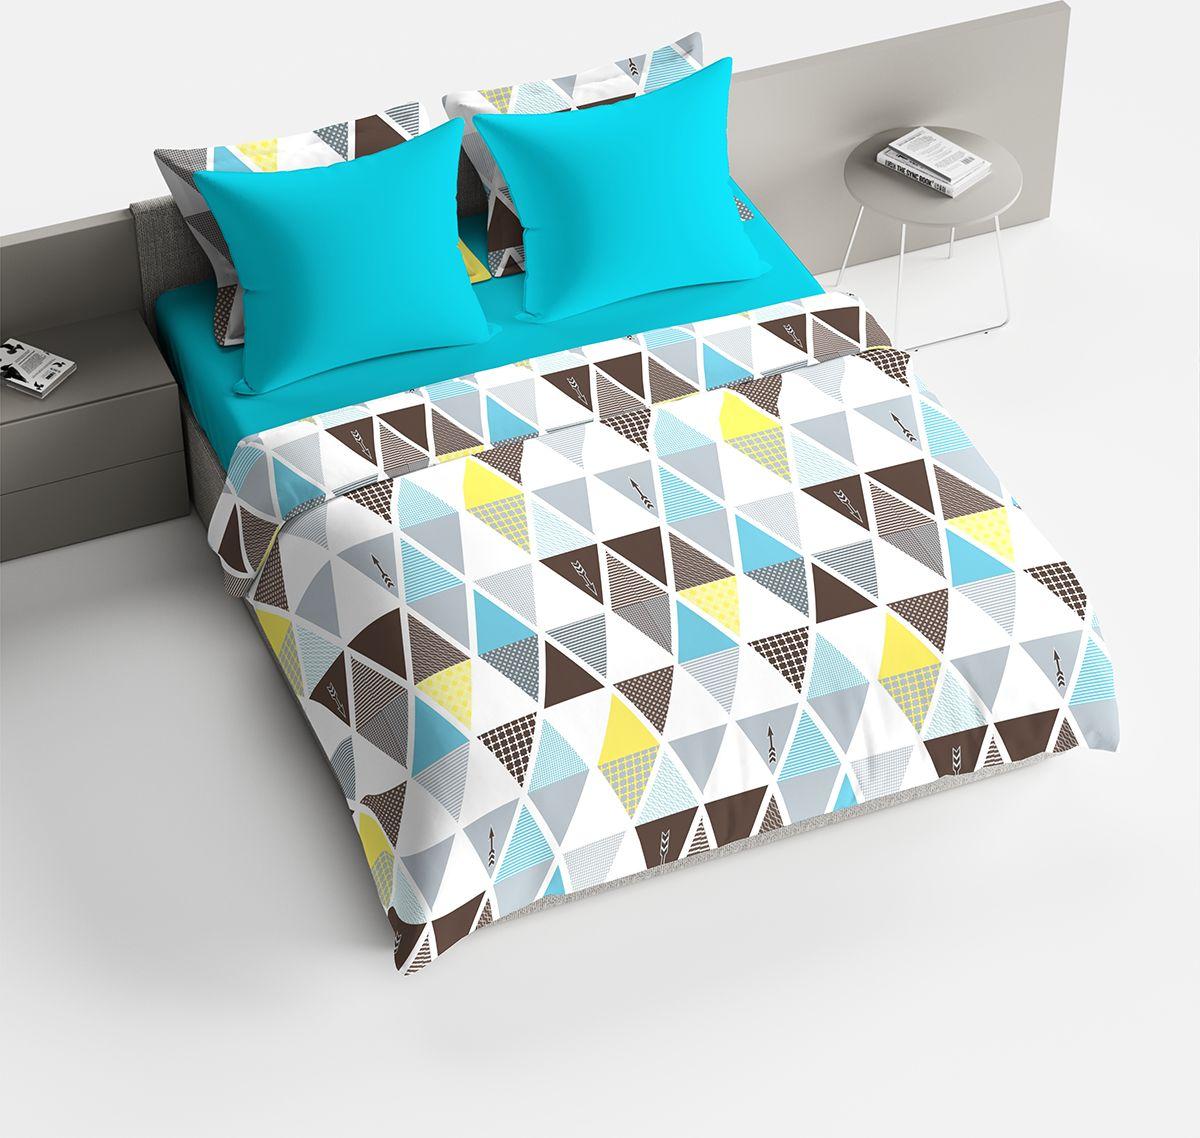 Комплект белья Браво Леонард, 1,5-спальное, наволочки 70x70, цвет: голубой91931Комплекты постельного белья из ткани LUX COTTON (высококачественный поплин), сотканной из длинноволокнистого египетского хлопка, созданы специально для людей с оригинальным вкусом, предпочитающим современные решения в интерьере. Обновленная стильная упаковка делает этот комплект отличным подарком. • Равноплотная ткань из 100% хлопка; • Обработана по технологии мерсеризации и санфоризации; • Мягкая и нежная на ощупь; • Устойчива к трению; • Обладает высокими показателями гигроскопичности (впитывает влагу); • Выдерживает частые стирки, сохраняя первоначальные цвет, форму и размеры; • Безопасные красители ведущего немецкого производителя BEZEMAСоветы по выбору постельного белья от блогера Ирины Соковых. Статья OZON Гид